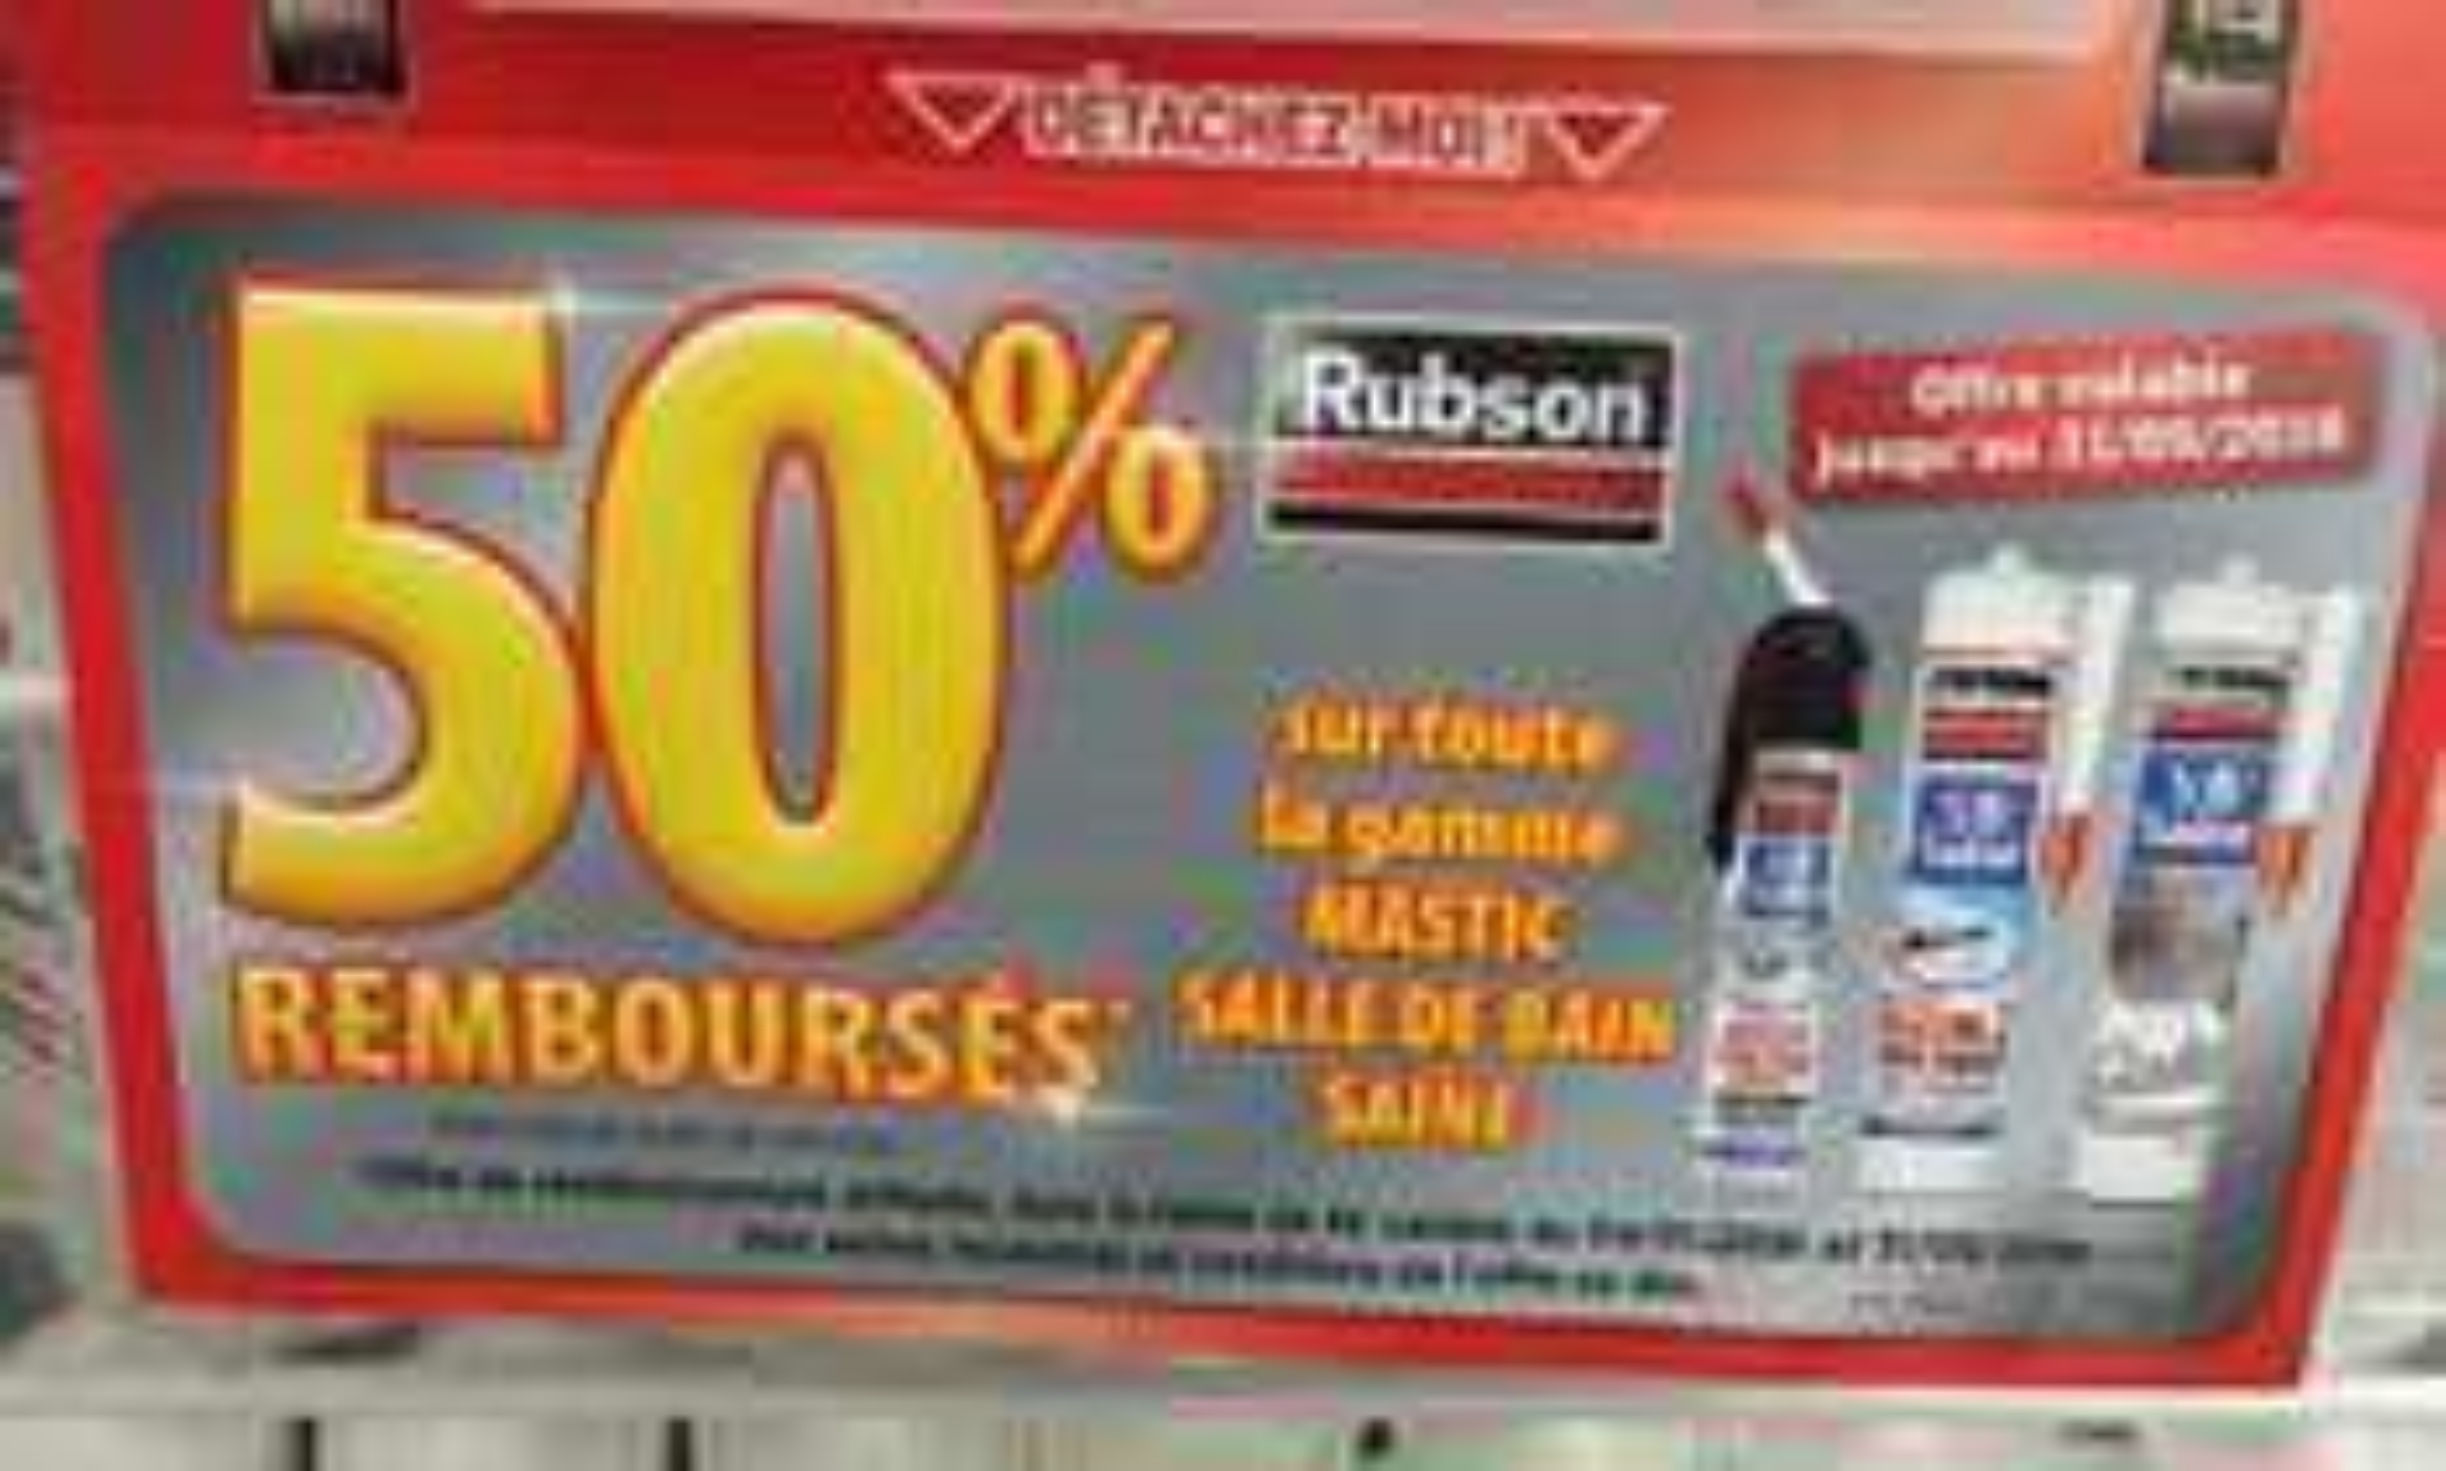 Silicone Rubson pour salle de bain (via ODR de 5.77€)